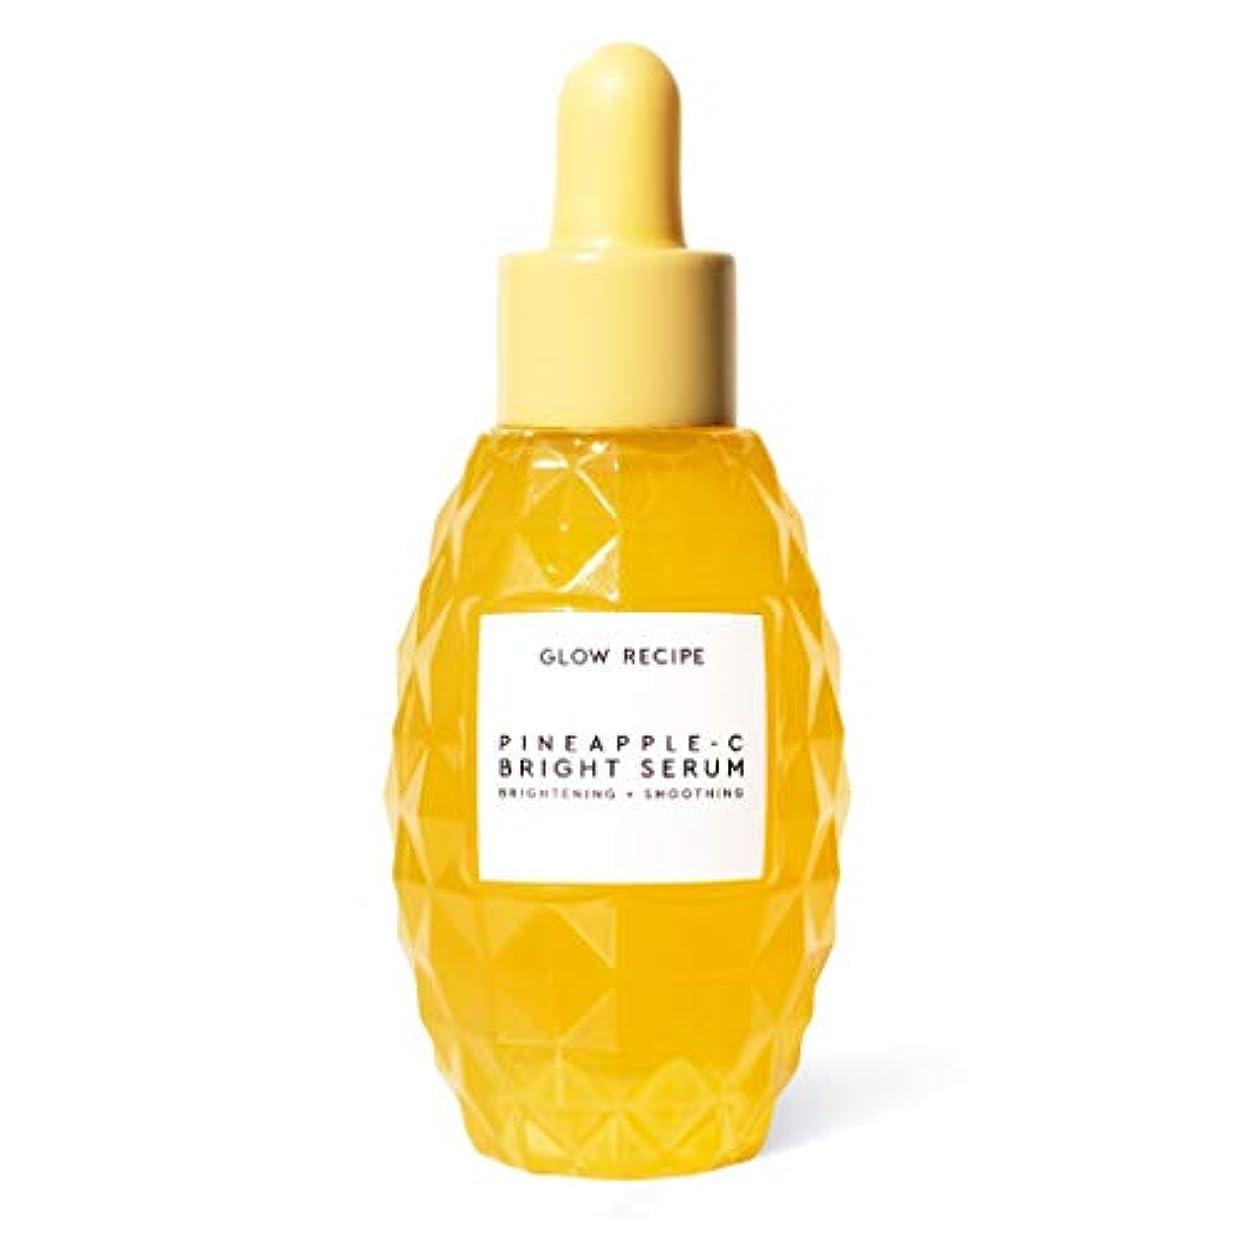 スプリット花労苦Glow Recipe Pineapple-C Brightening Serum 1 Fl. Oz/ 30ml グロウレシピ パイナップル シー ブライト二ング セラム